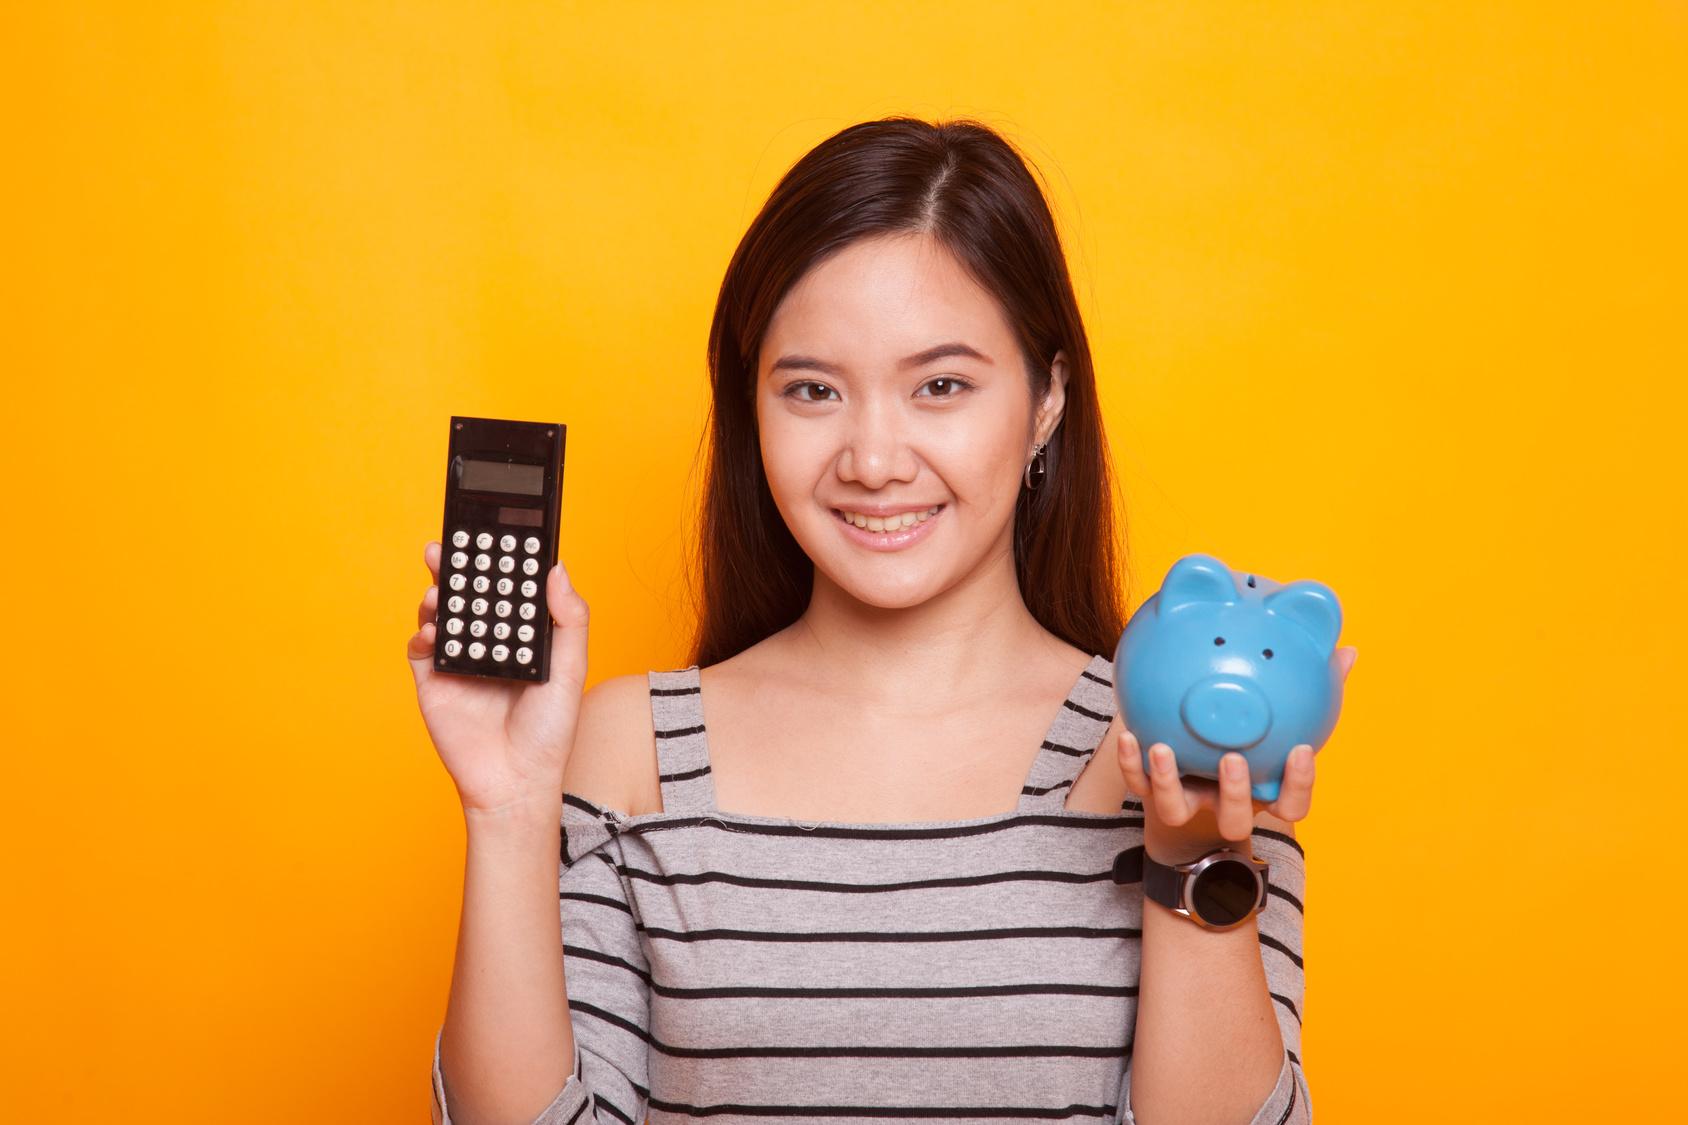 quelle banque propose un livret jeune banque en ligne